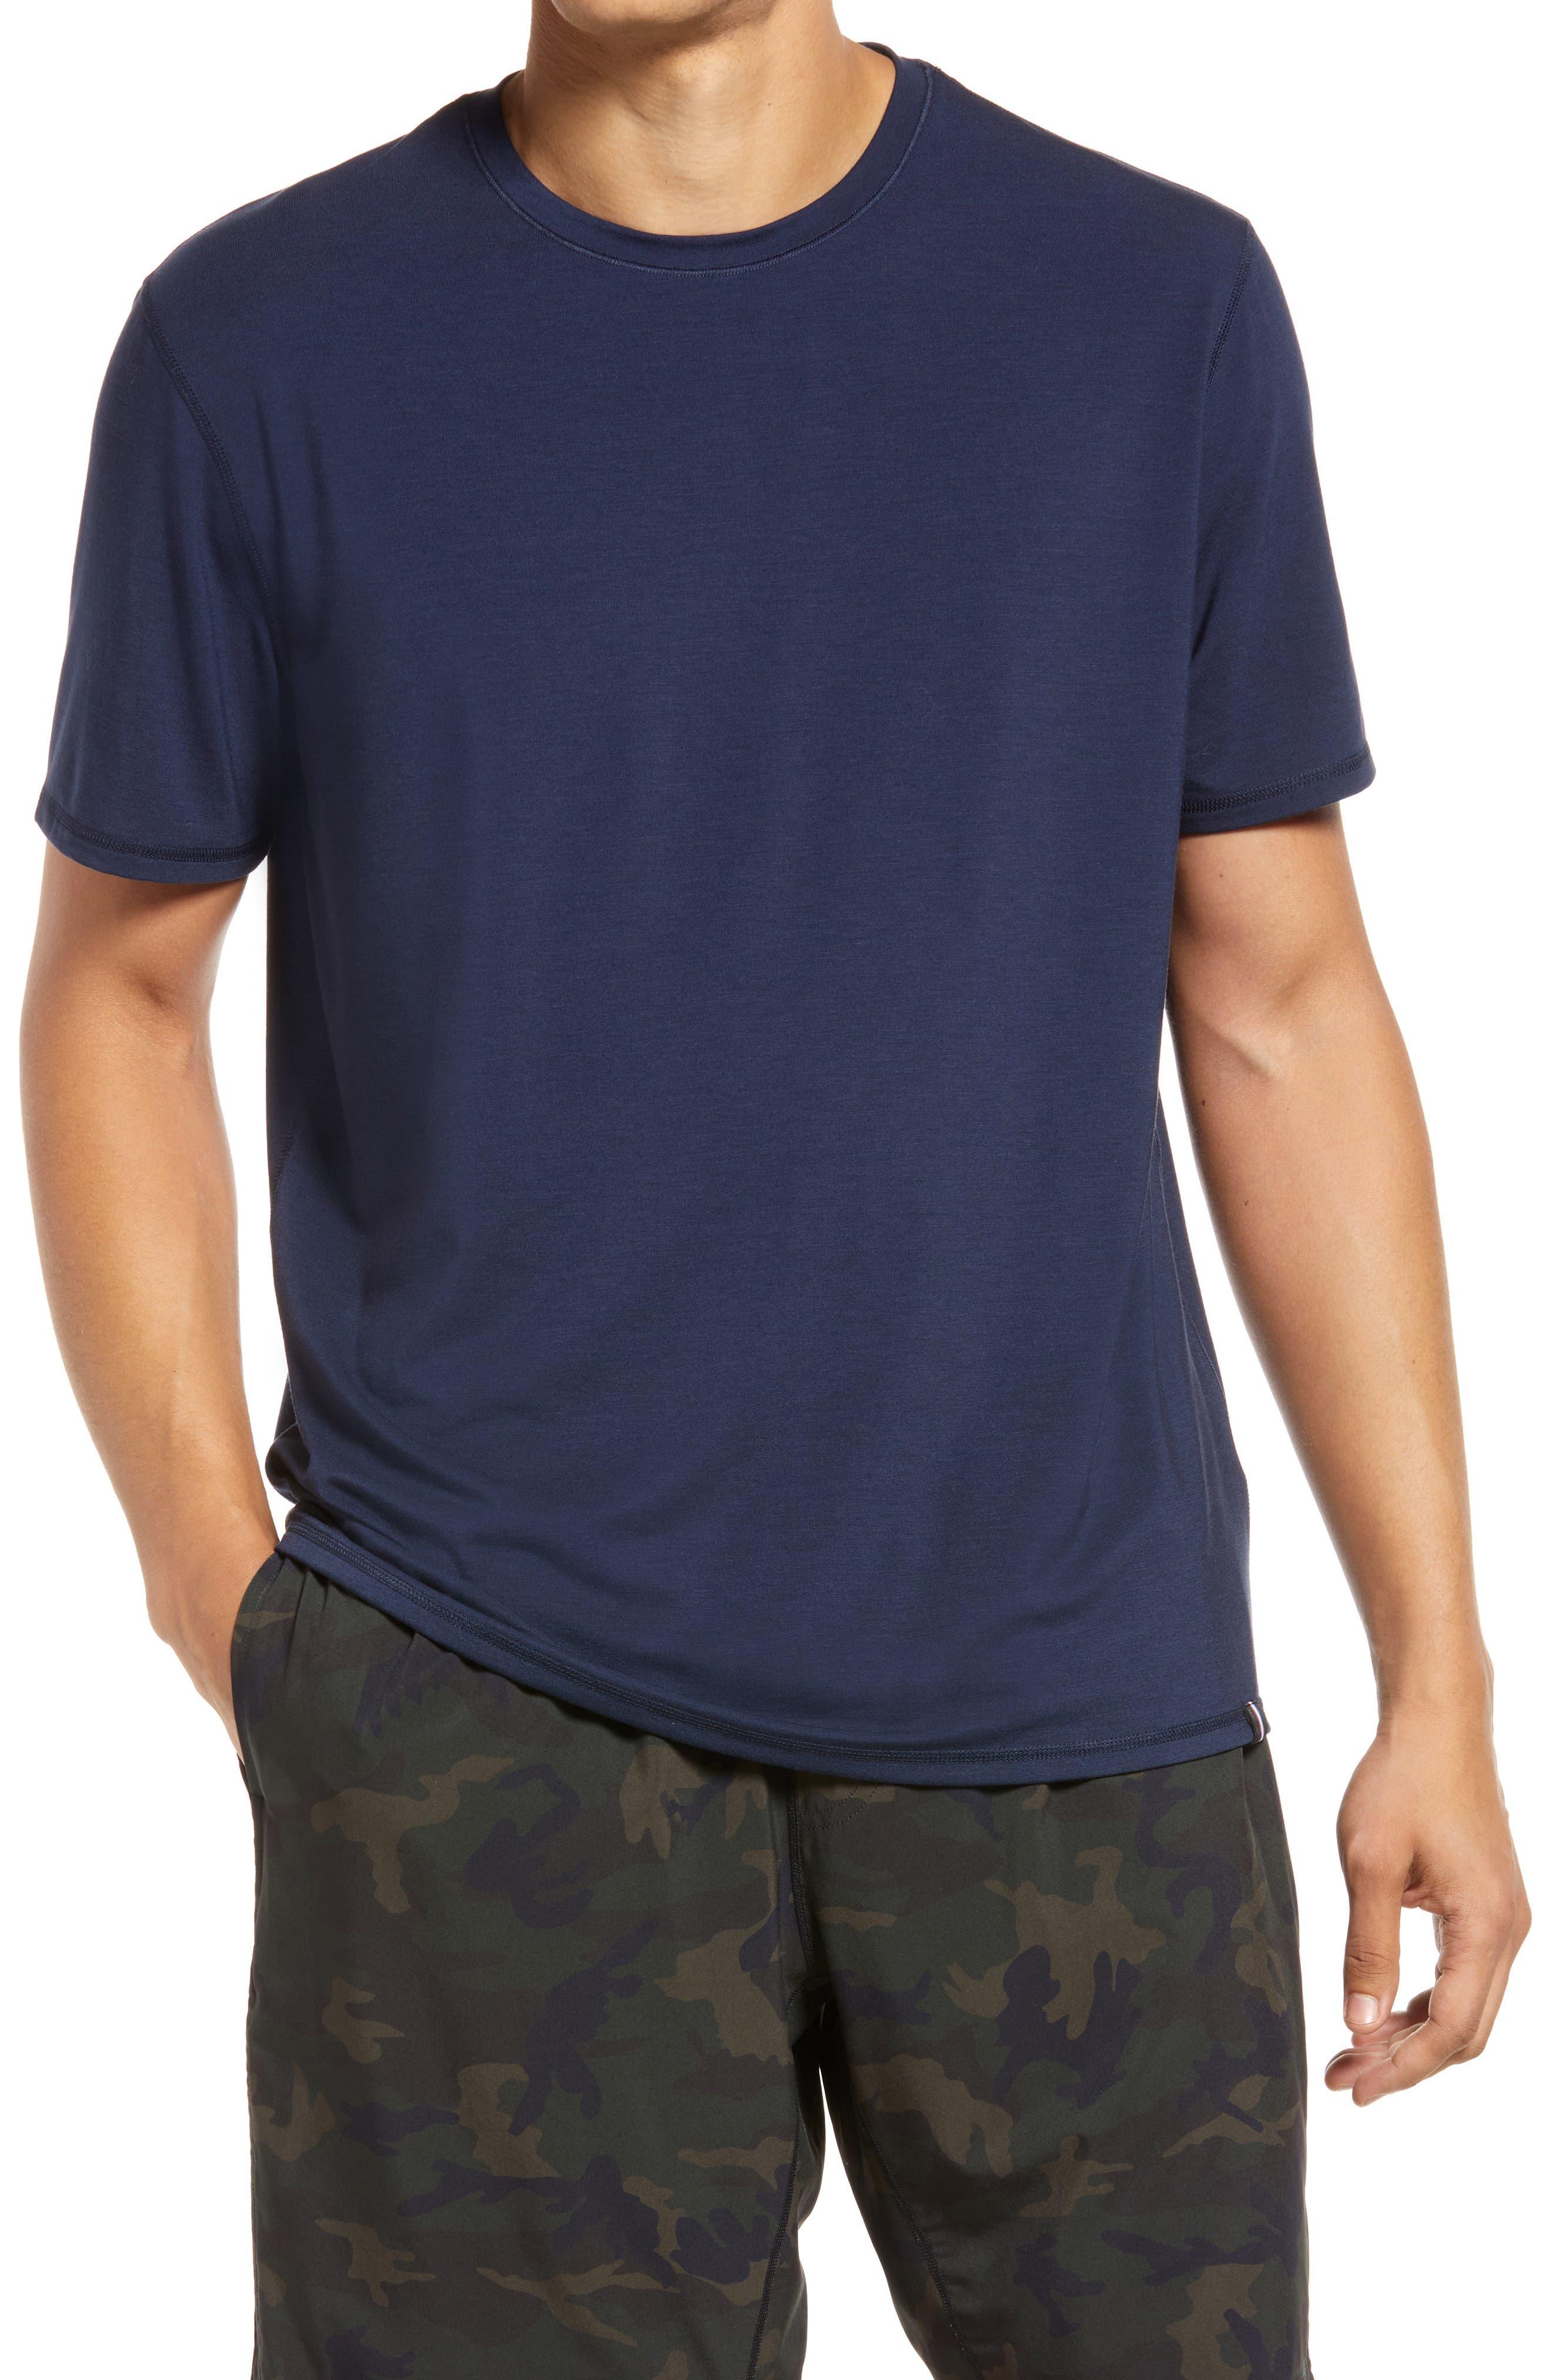 Radius Performance T-Shirt